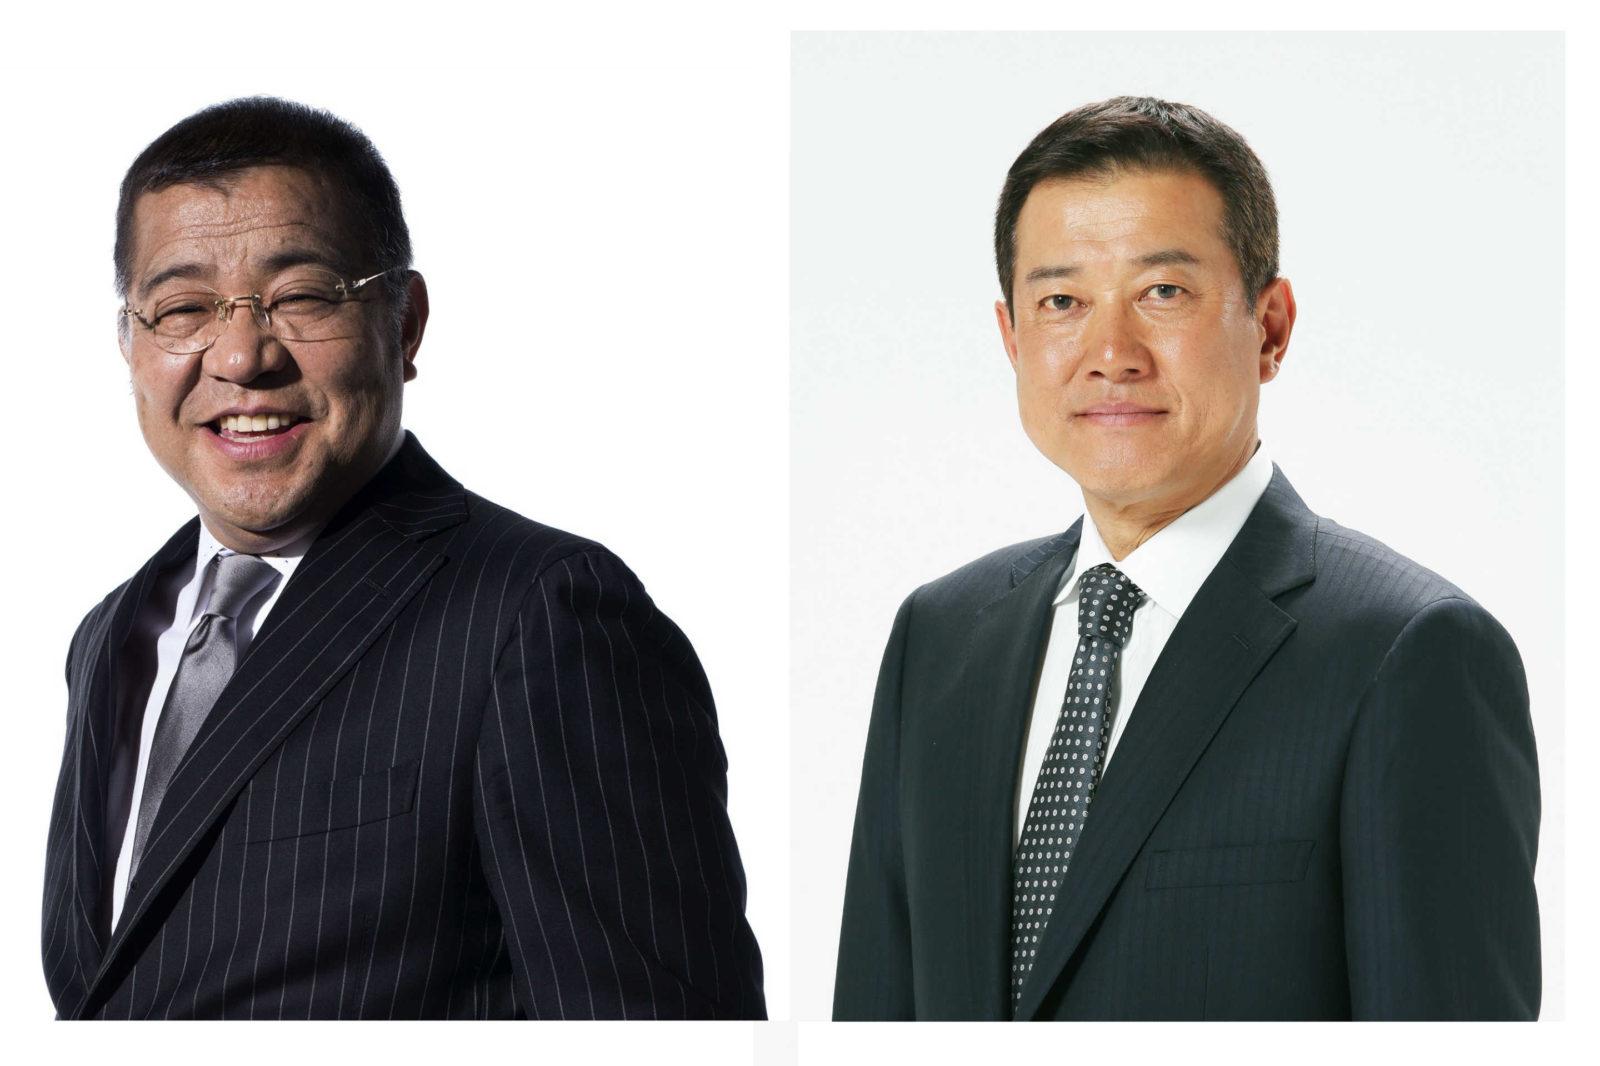 原辰徳と掛布雅之、球界レジェンドがスペシャルトークショーを開催サムネイル画像